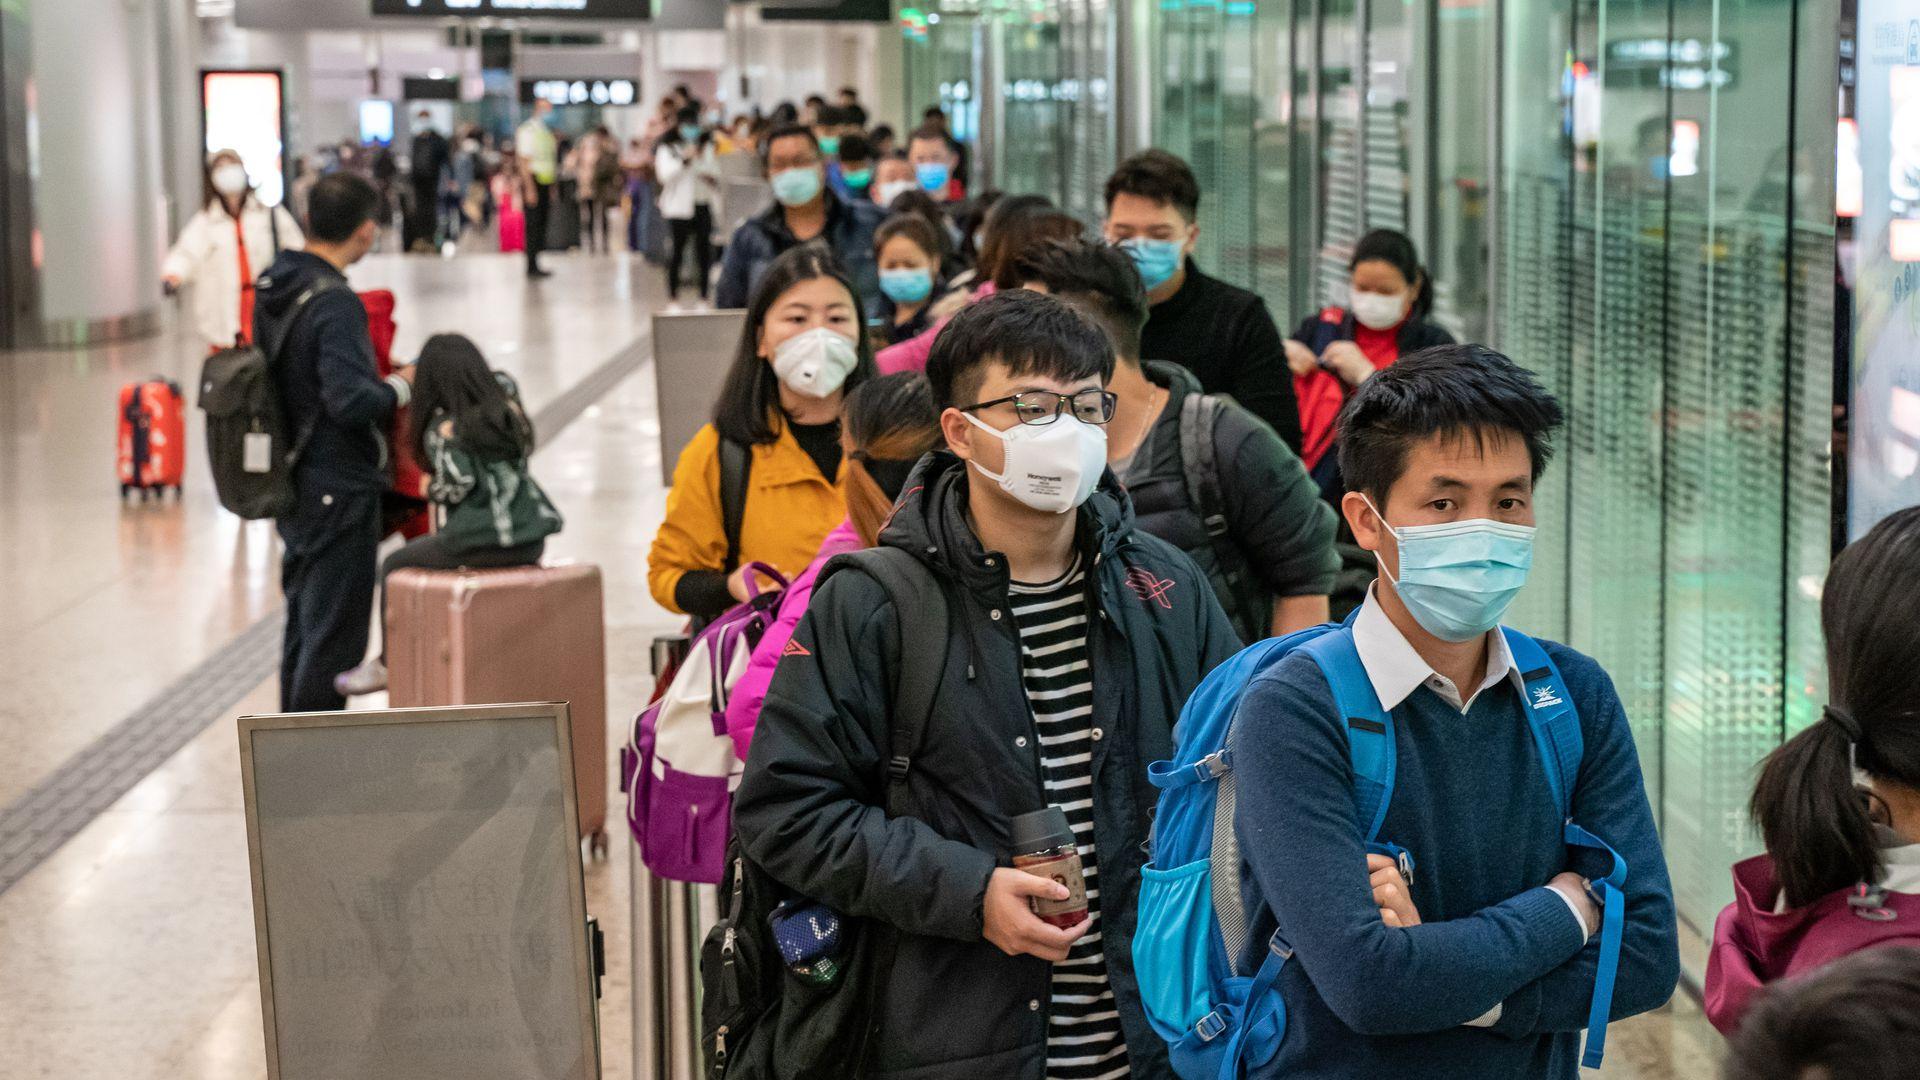 ВоВьетнаме опять обнаружили случаи заражения коронавирусом